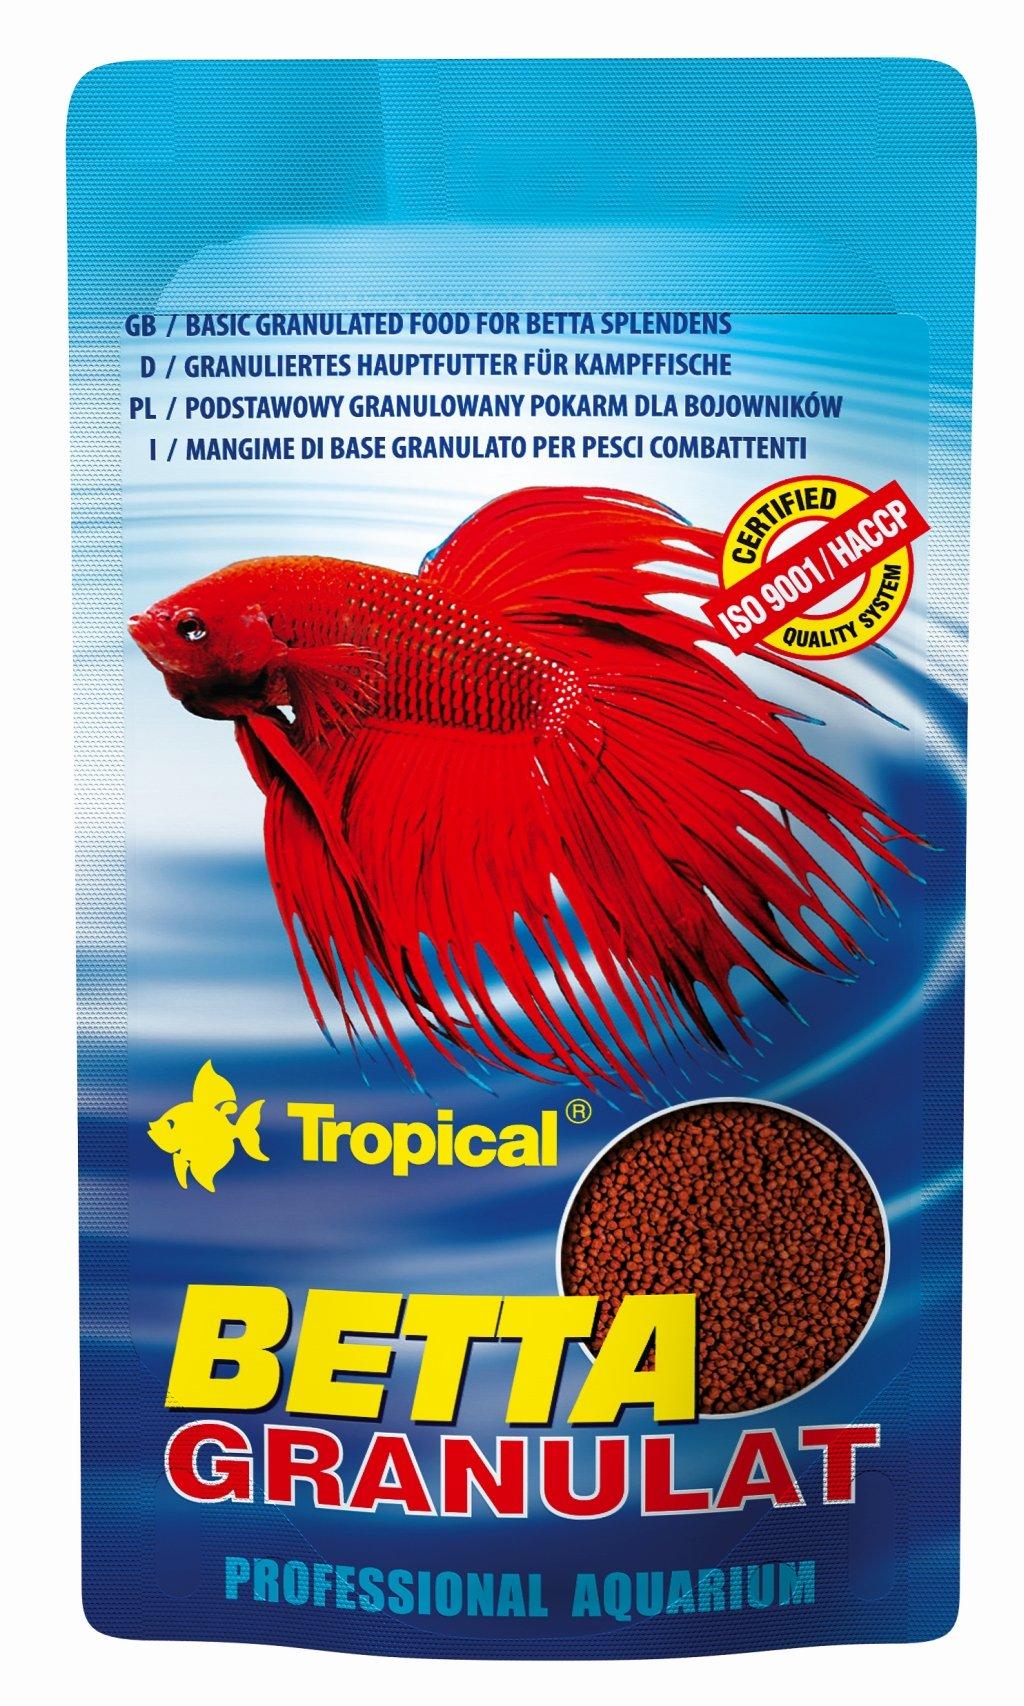 Tropical Betta Granulat - Basic Floating Granules For Betta Splenders 10g - Original Sachet